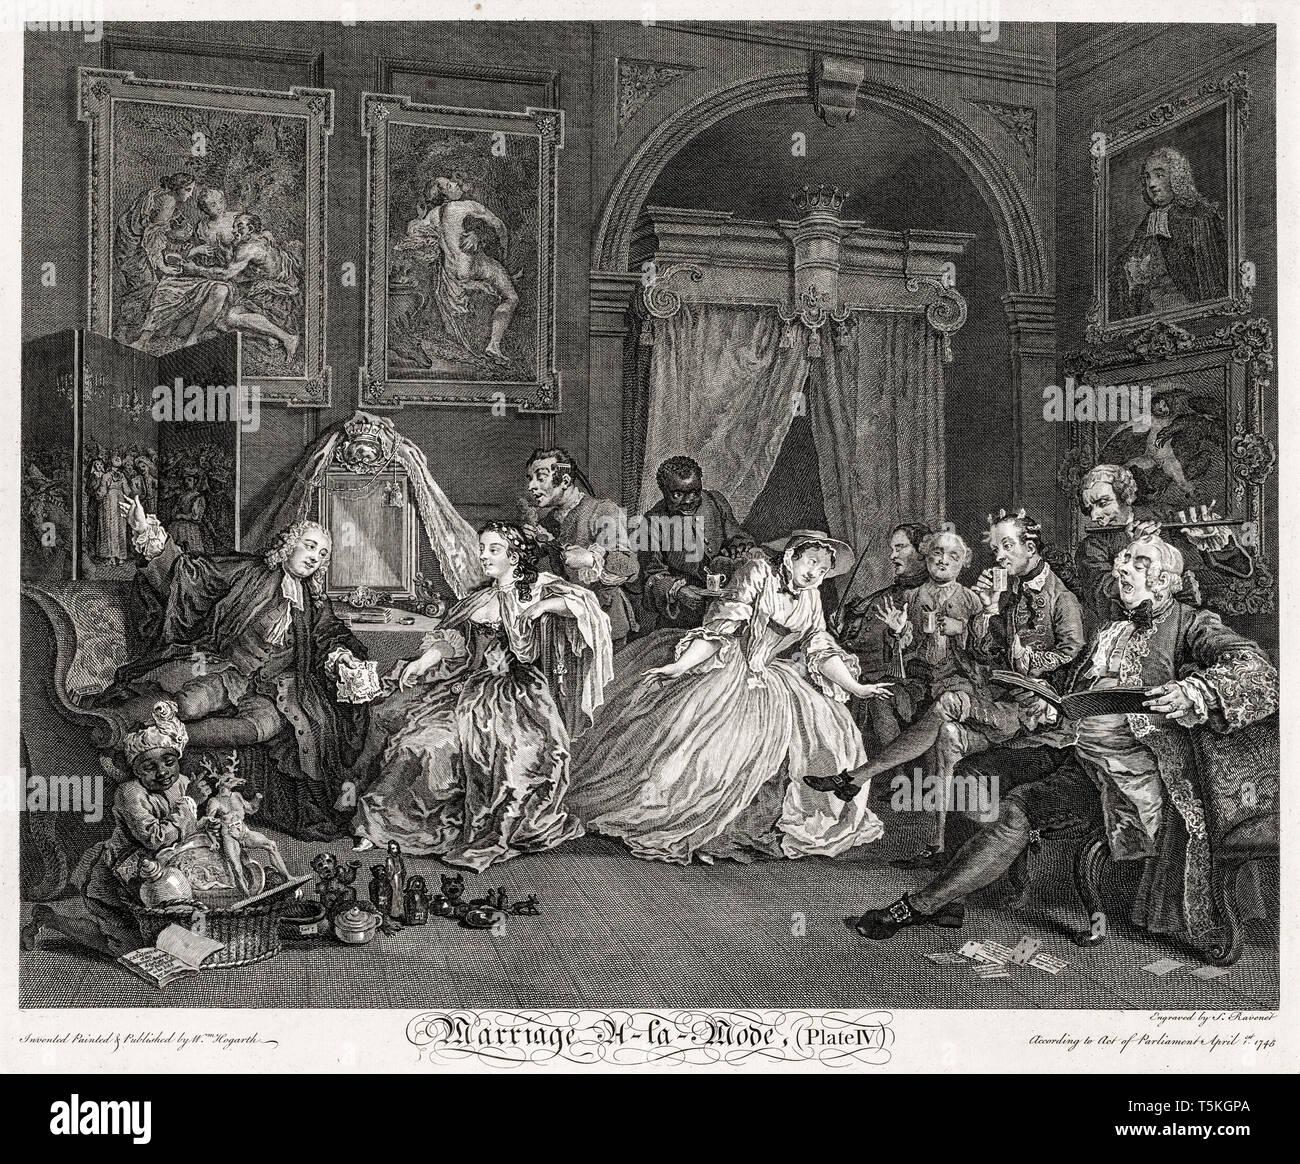 William Hogarth, Ehe à la Mode: Die Toilette Szene, Gravieren, 1745 Stockbild